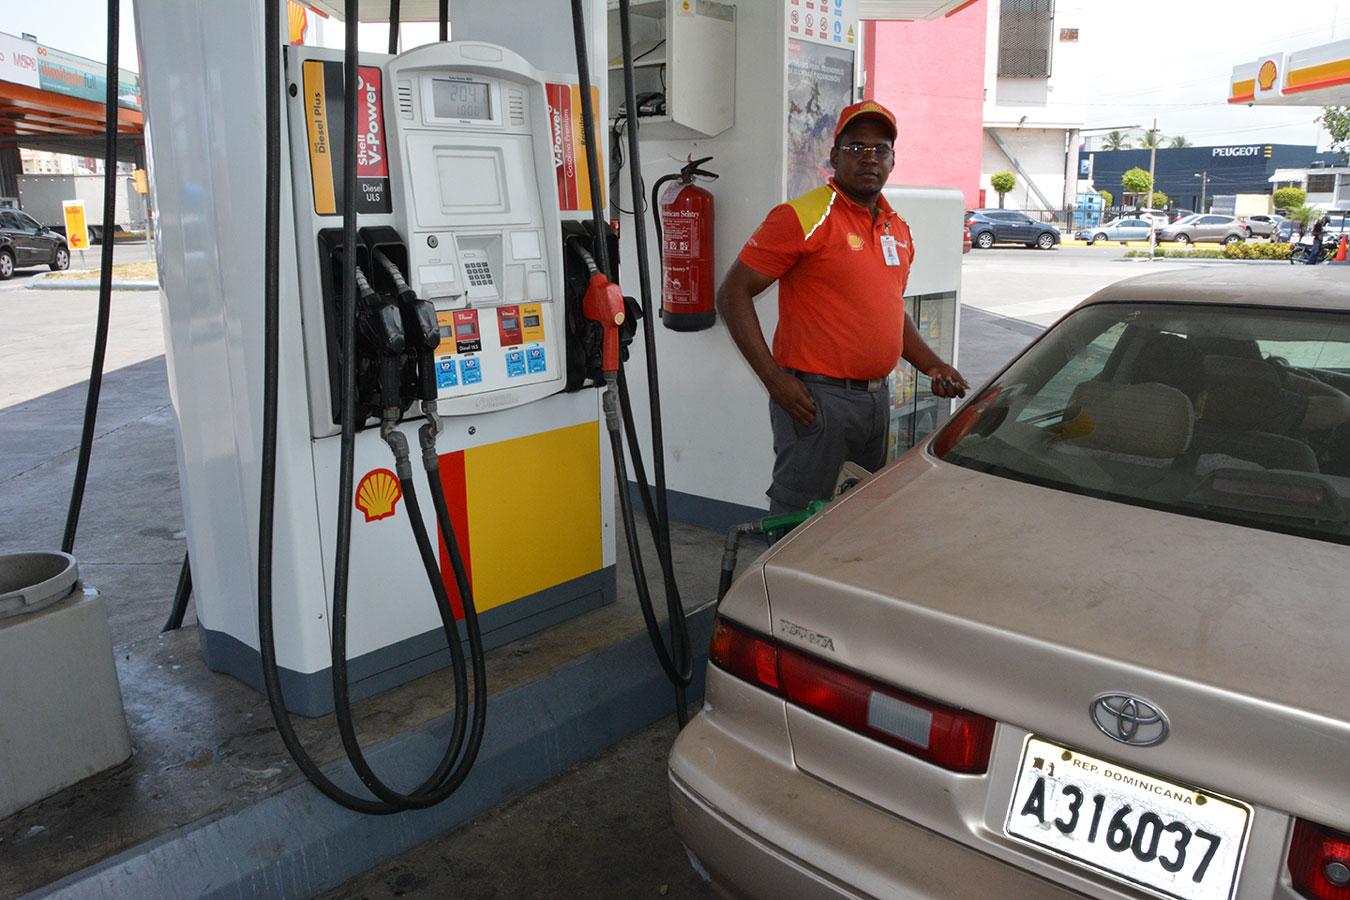 De los floreros 2110 en el gas va y sobre la gasolina no existe